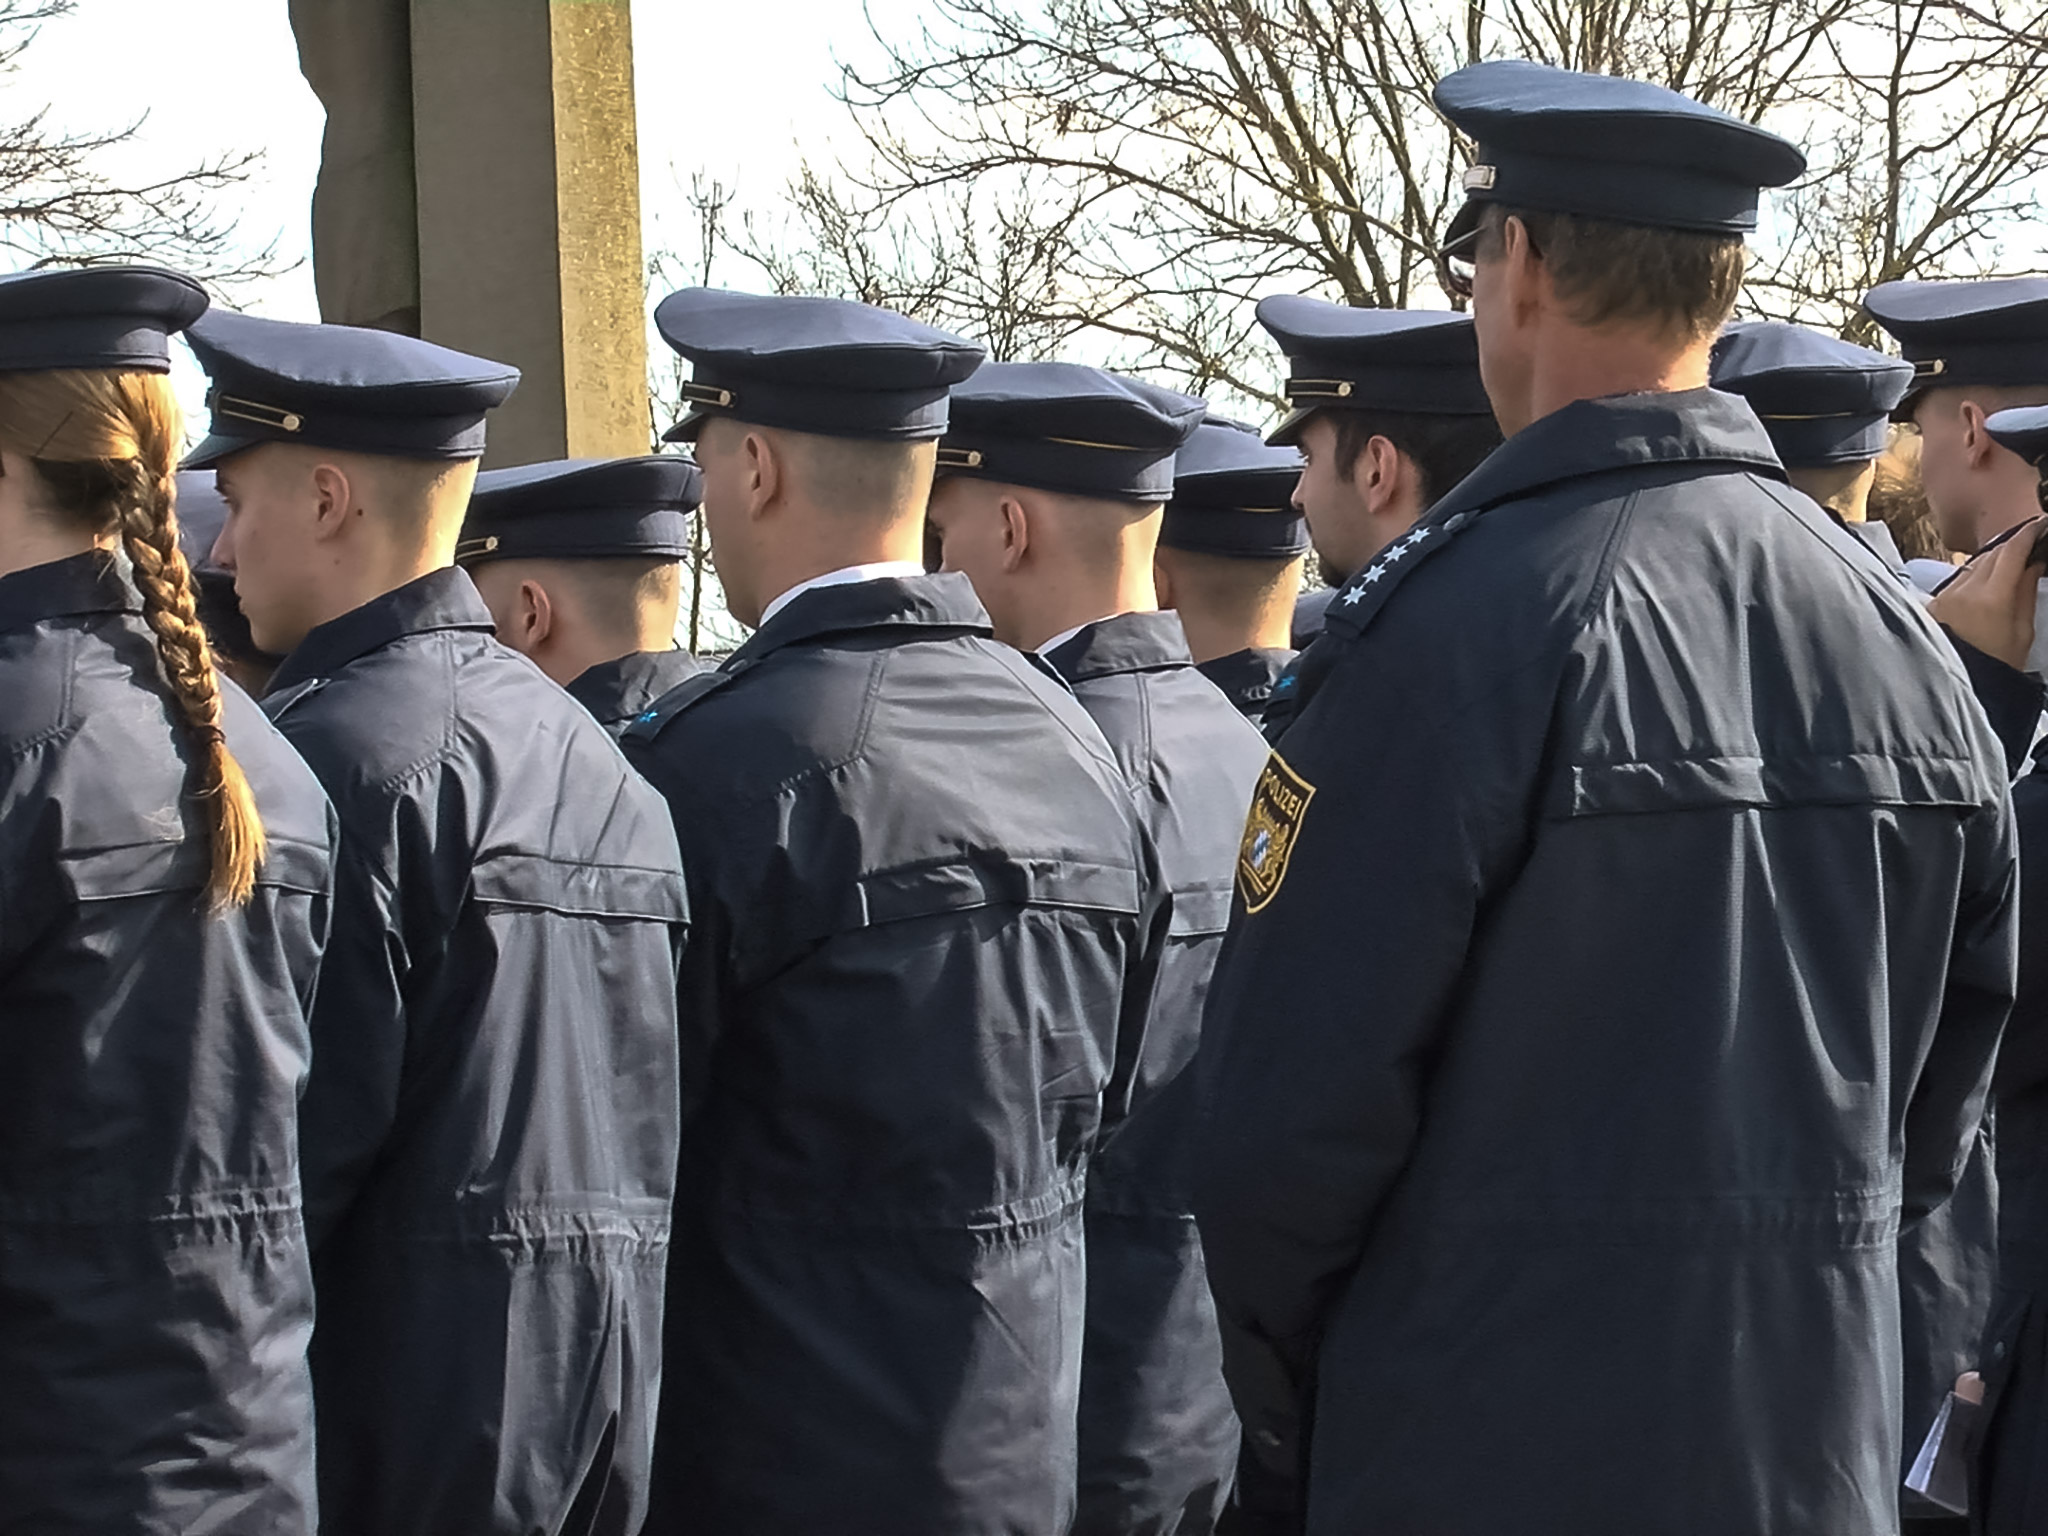 Etwa 700 Menschen nahmen heute in Garstadt (Lkr. Schweinfurt) an der Trauerfeier und Bestattung des Polizeischüler. Foto: Pascal Höfig